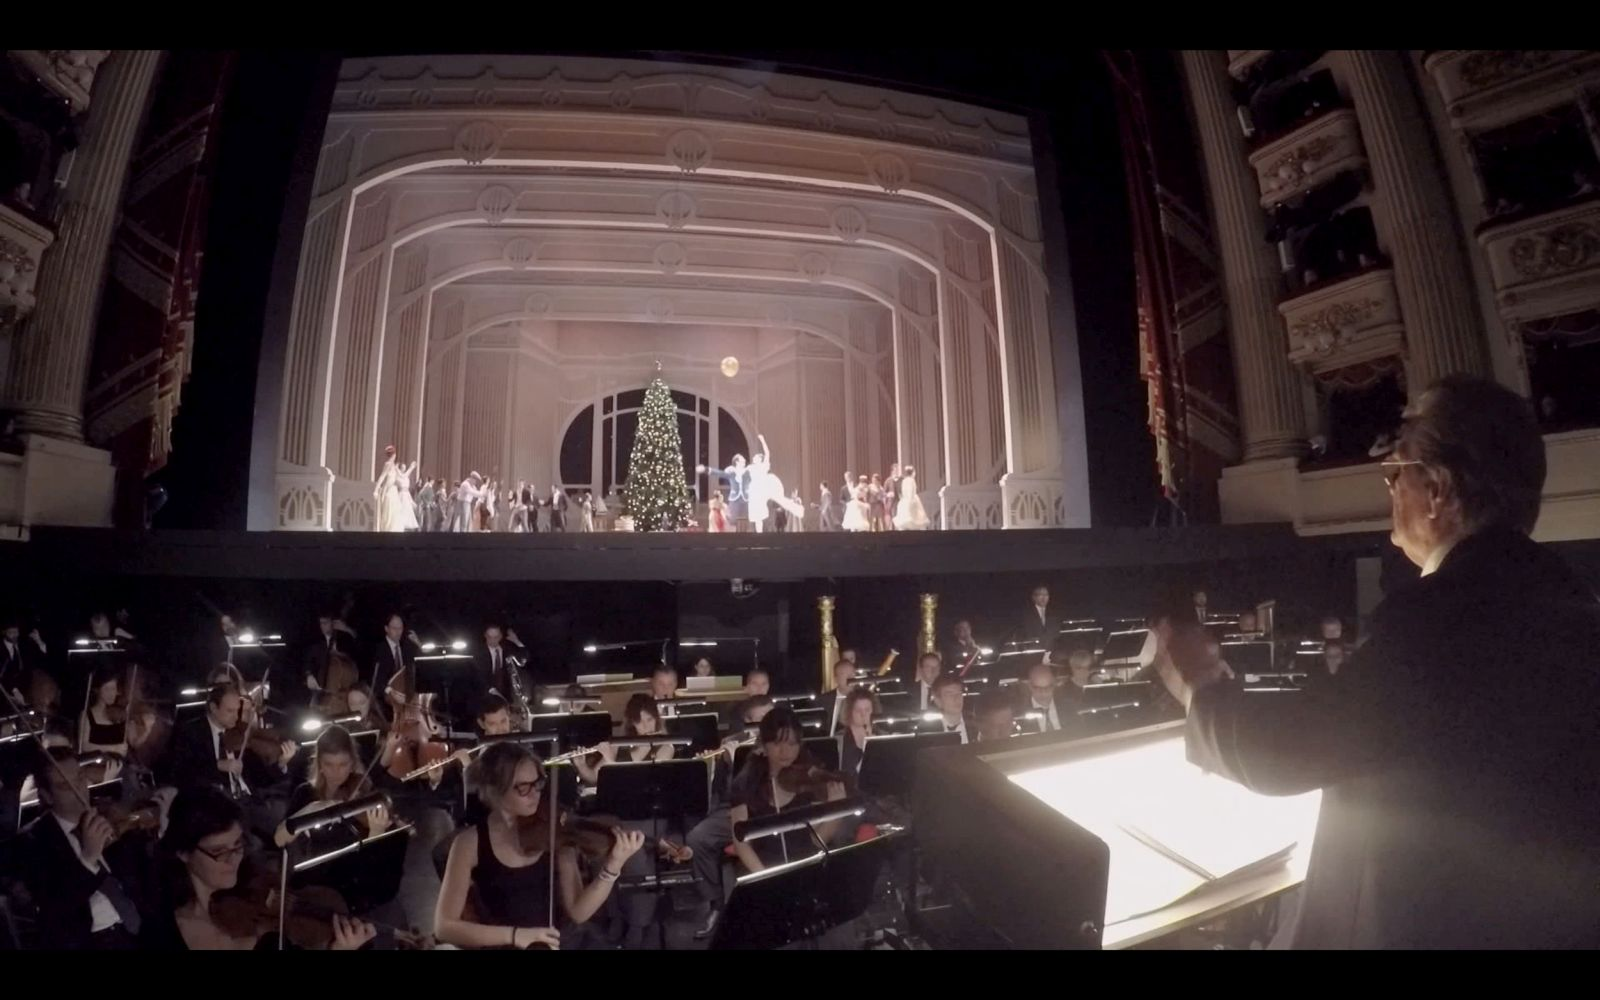 Milano 2015: un'immagine tratta dall'episodio diretto da Roberto Bolle